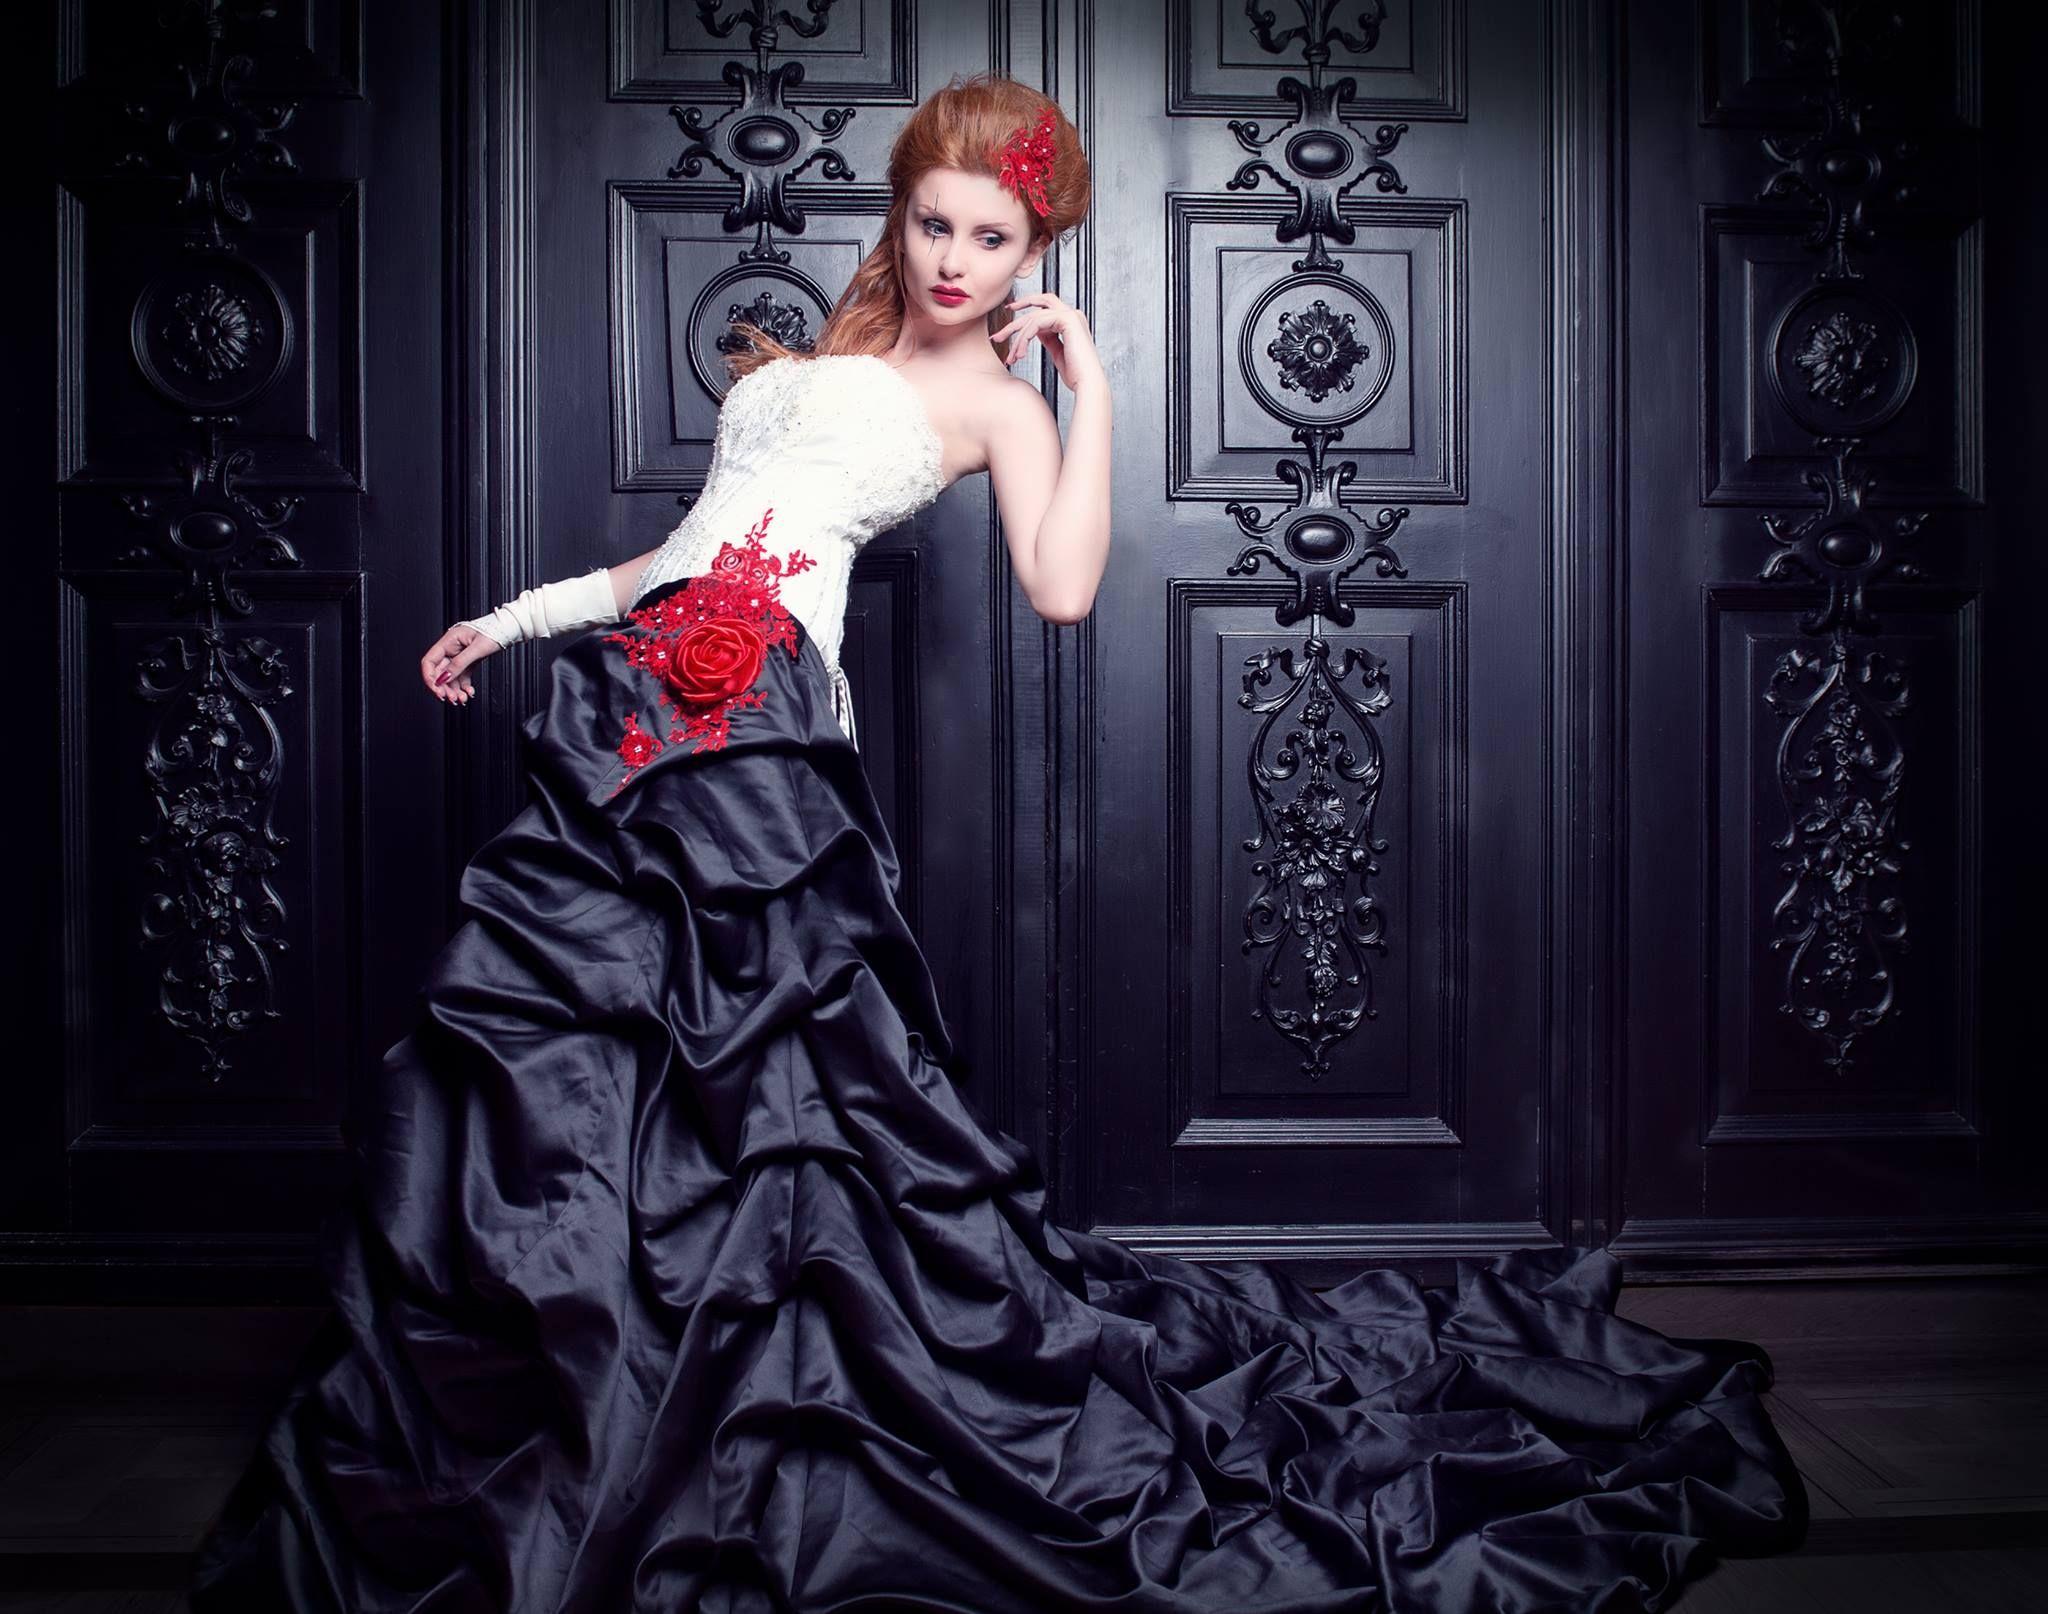 Feist Style  Feist style, Schwarze hochzeitskleider, Brautkleid